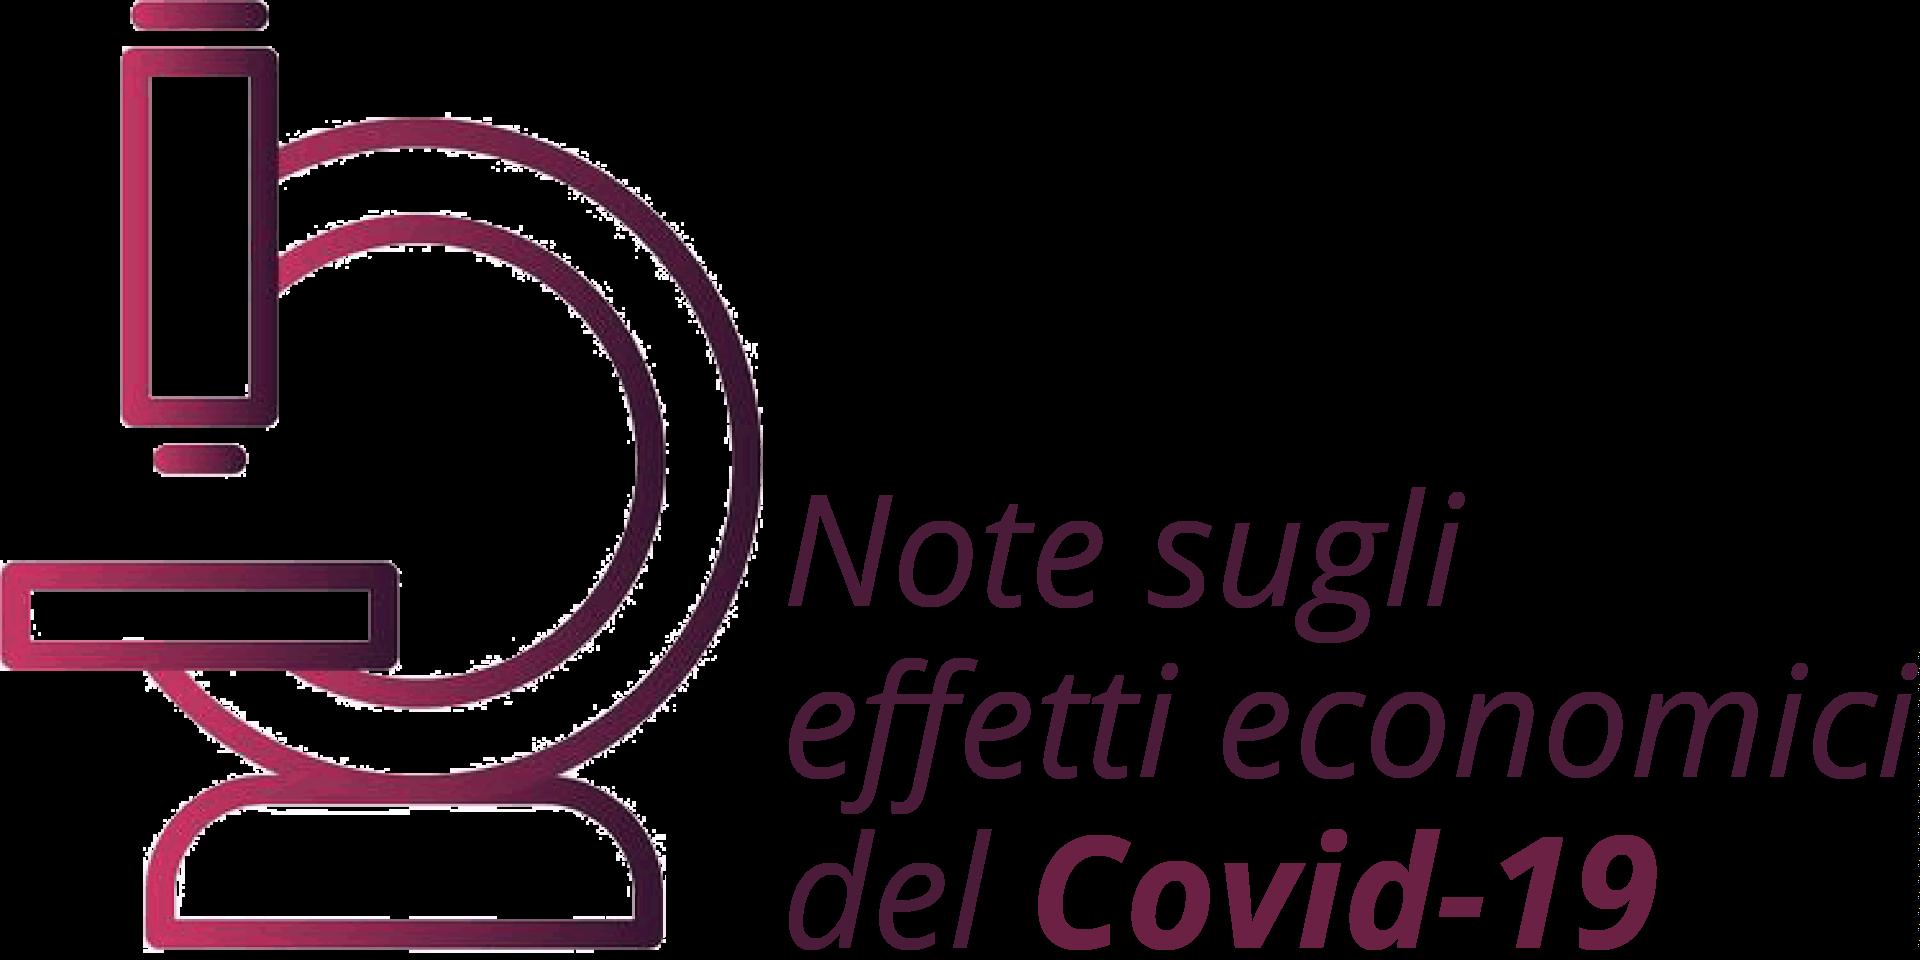 Logo-Nota-COVID-19-trasparenza copia